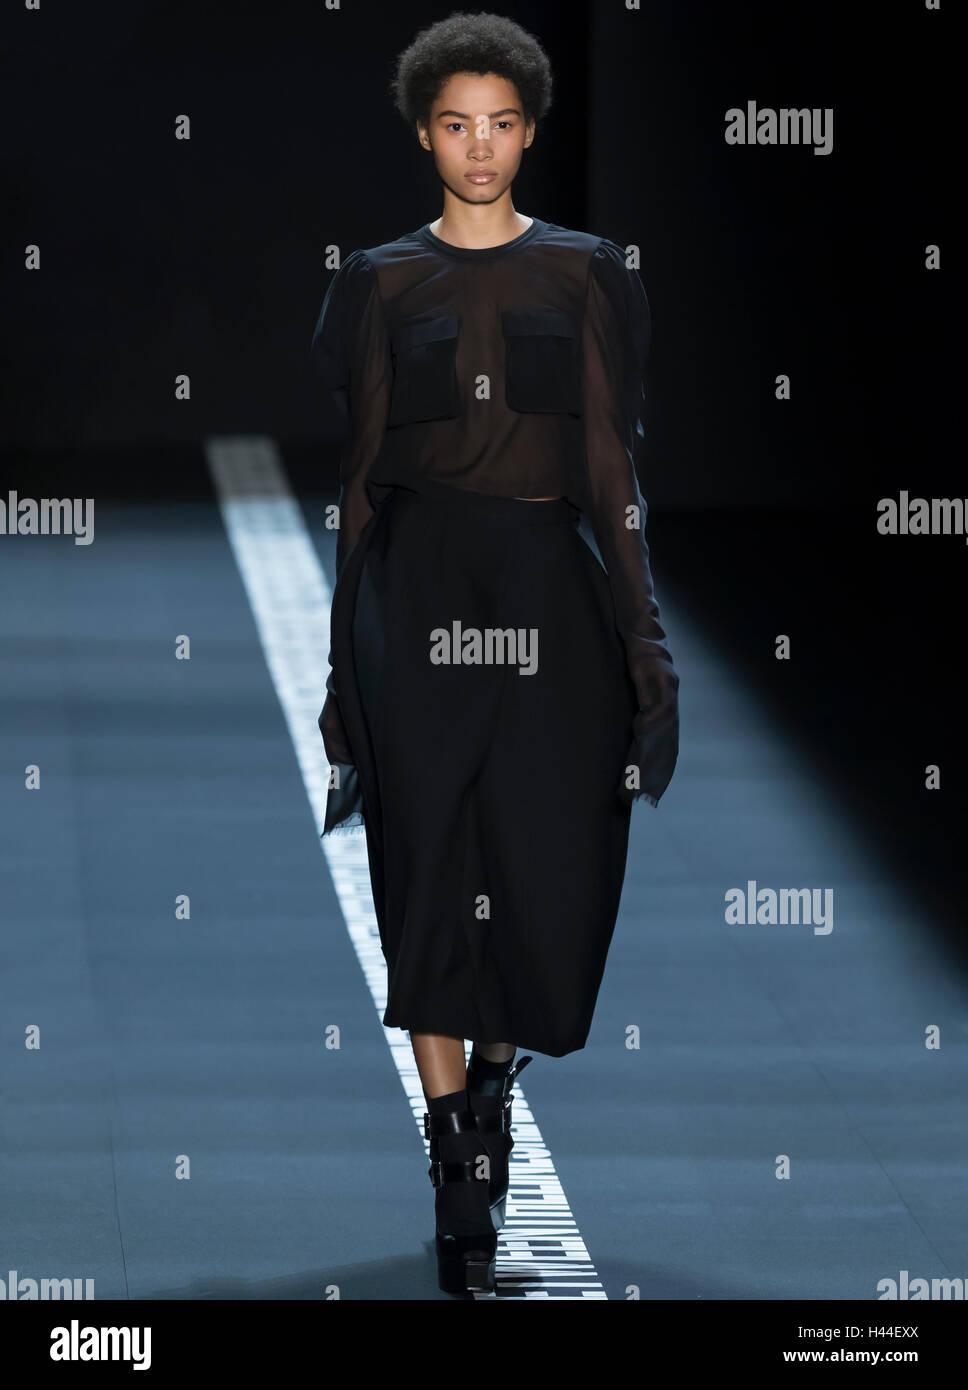 Vera Wang Fashion Show Imágenes De Stock & Vera Wang Fashion Show ...